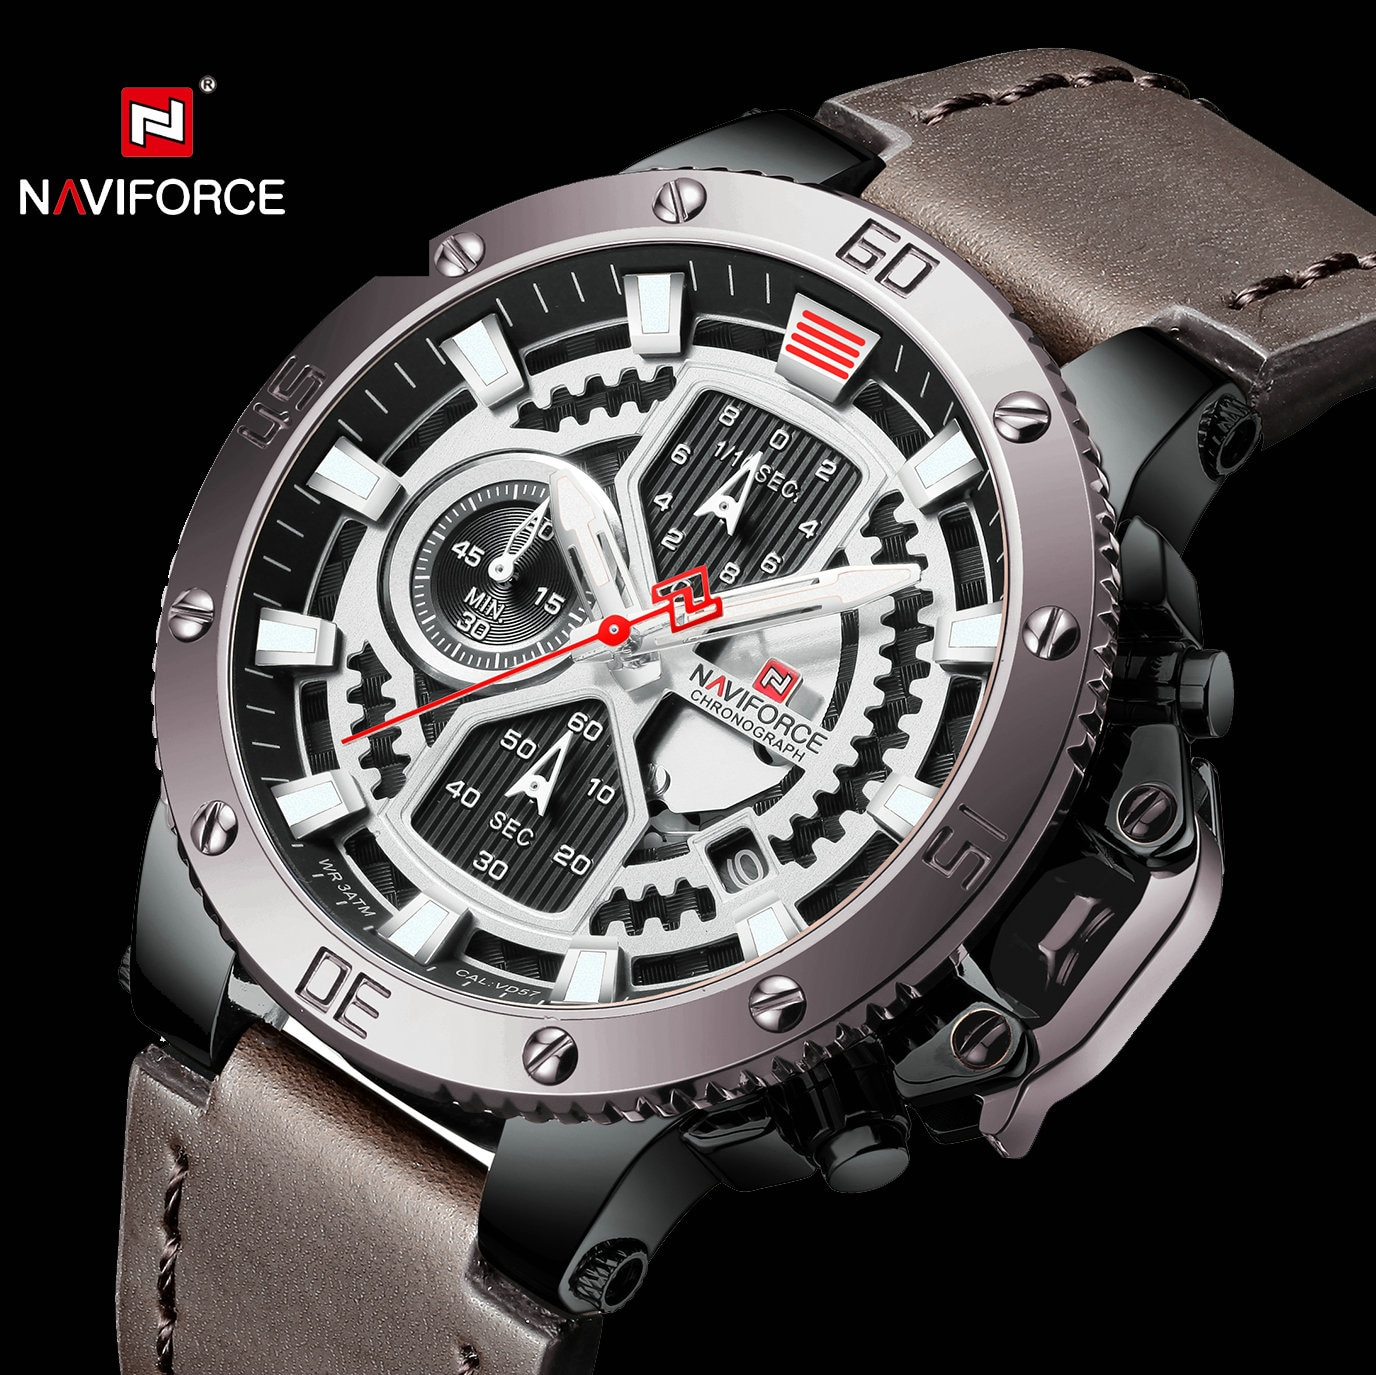 NAVIFORCE de moda reloj de cuarzo Casual de cuero de los hombres de correa calendario hombre reloj impermeable de los deportes relojes de pulsera para hombre reloj